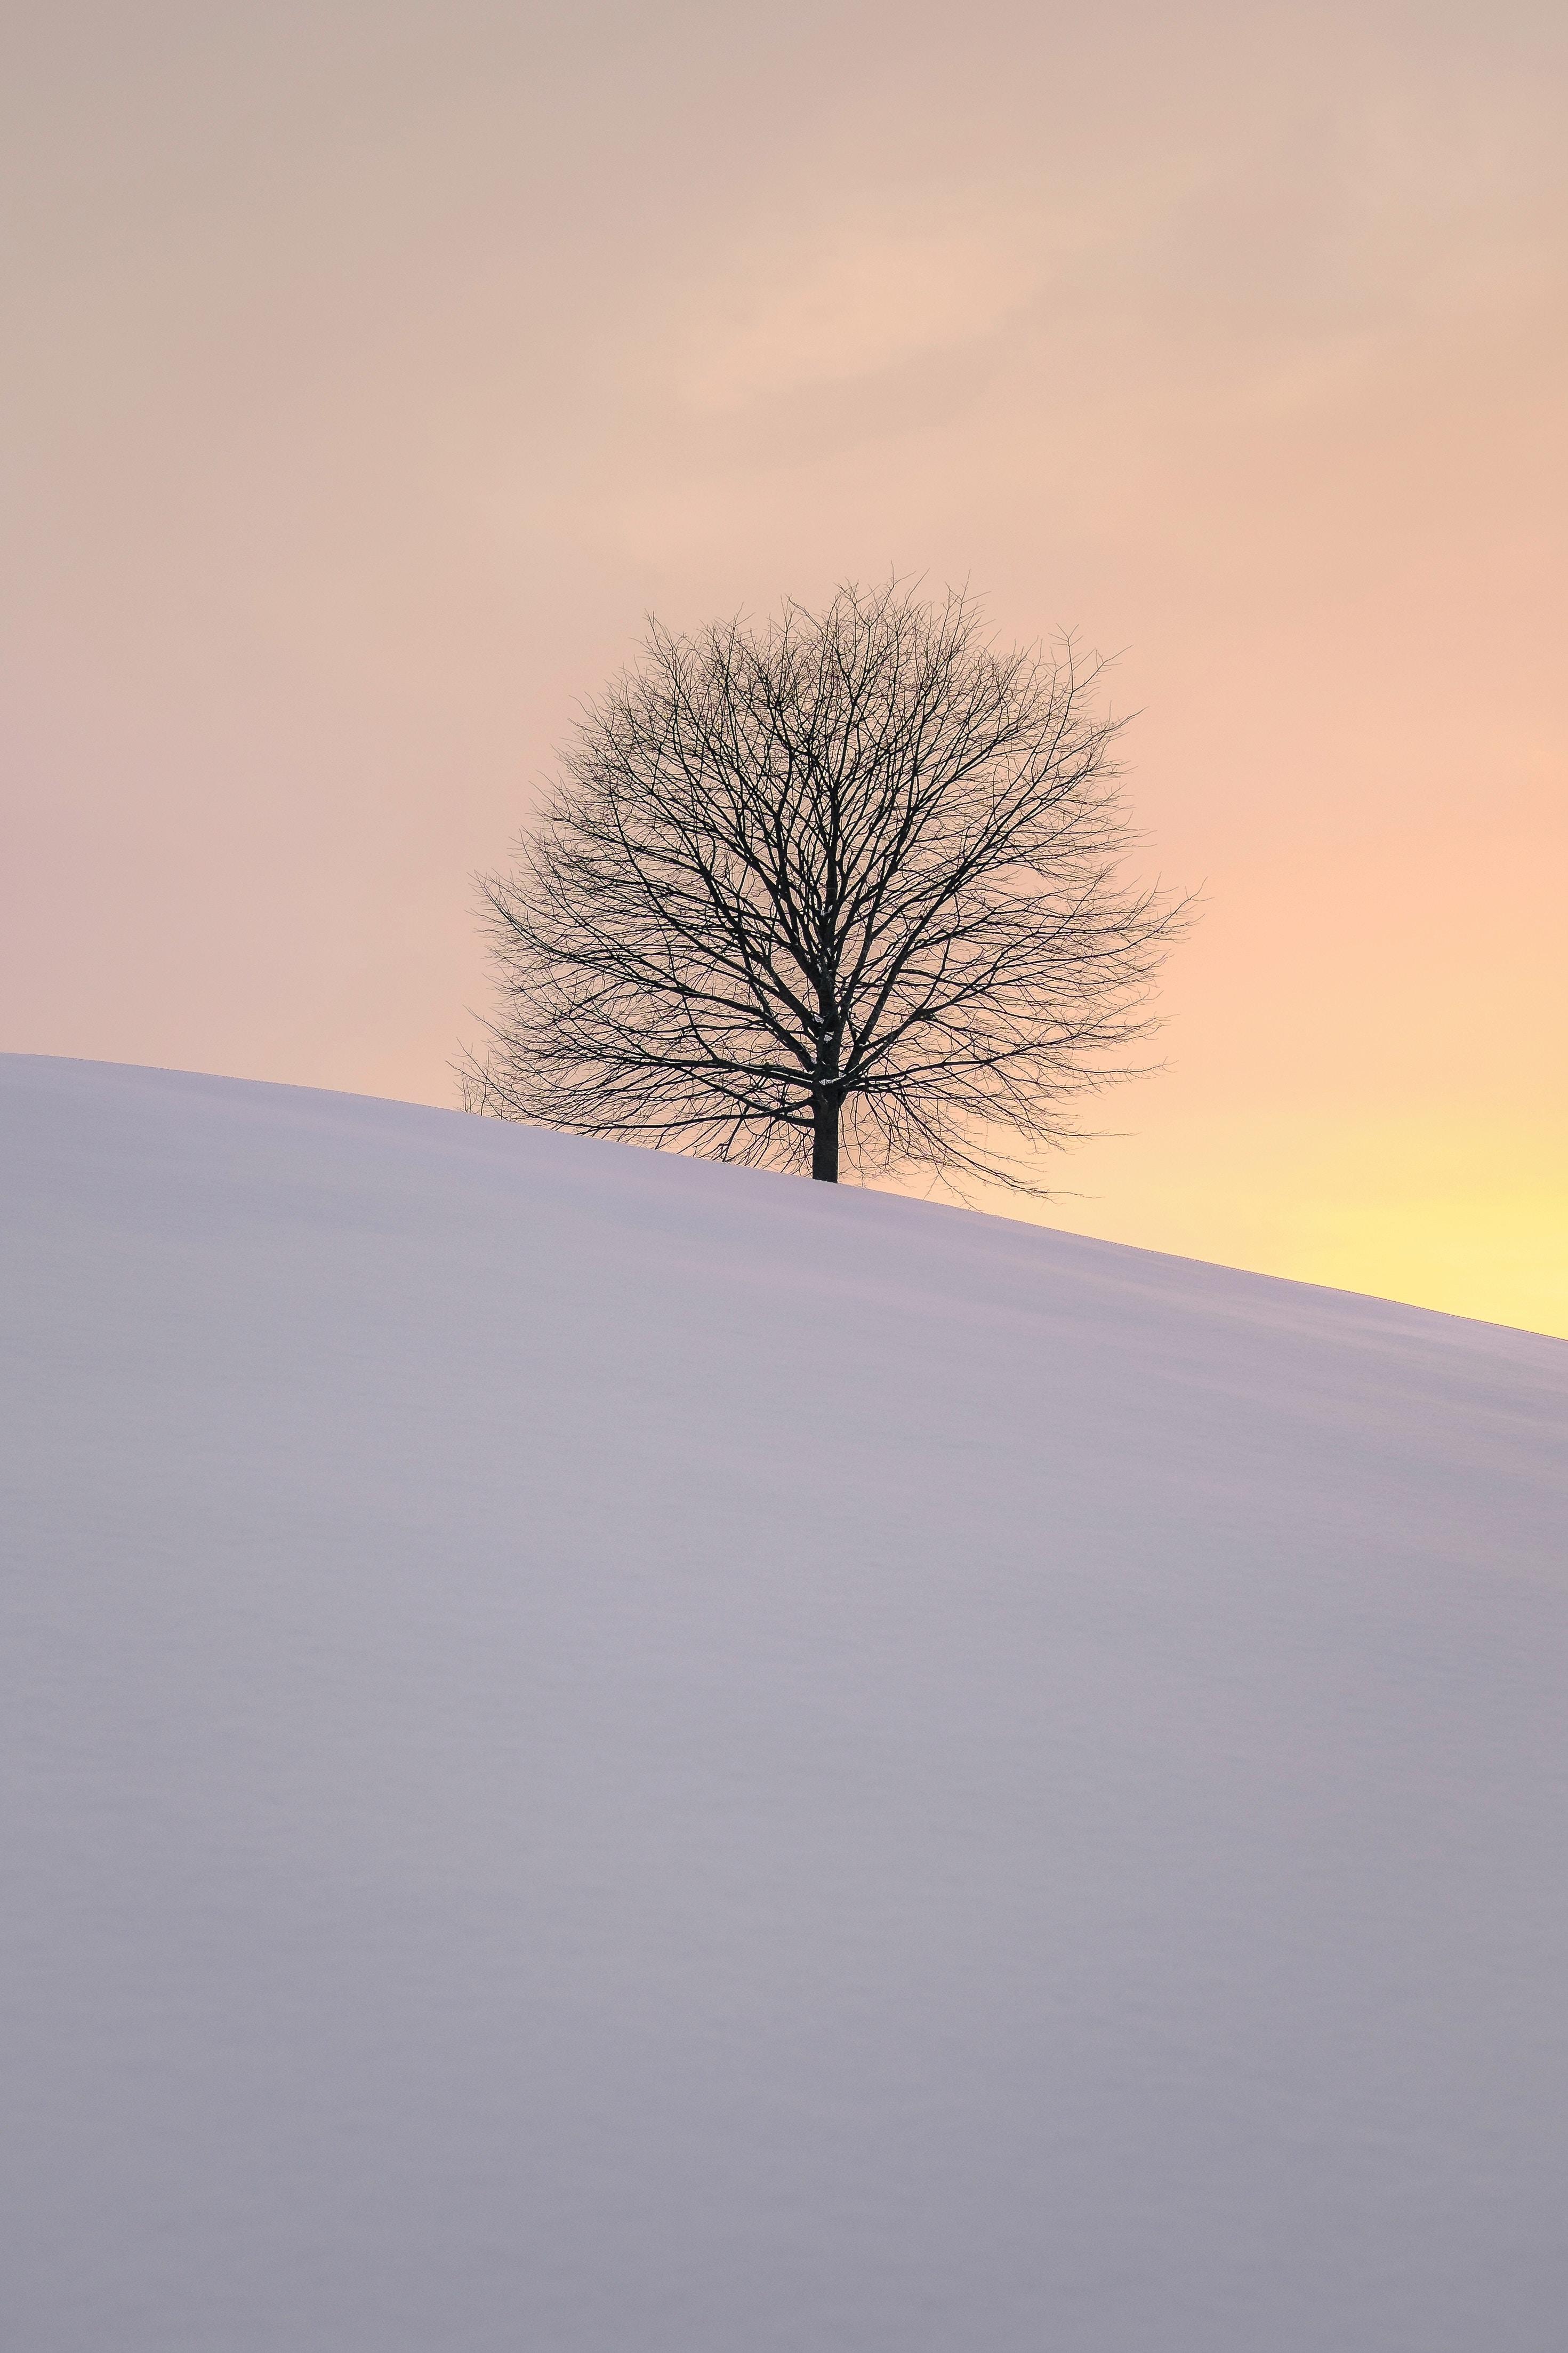 122685 Hintergrundbild herunterladen Winterreifen, Natur, Schnee, Holz, Baum, Minimalismus, Hügel, Hillock - Bildschirmschoner und Bilder kostenlos